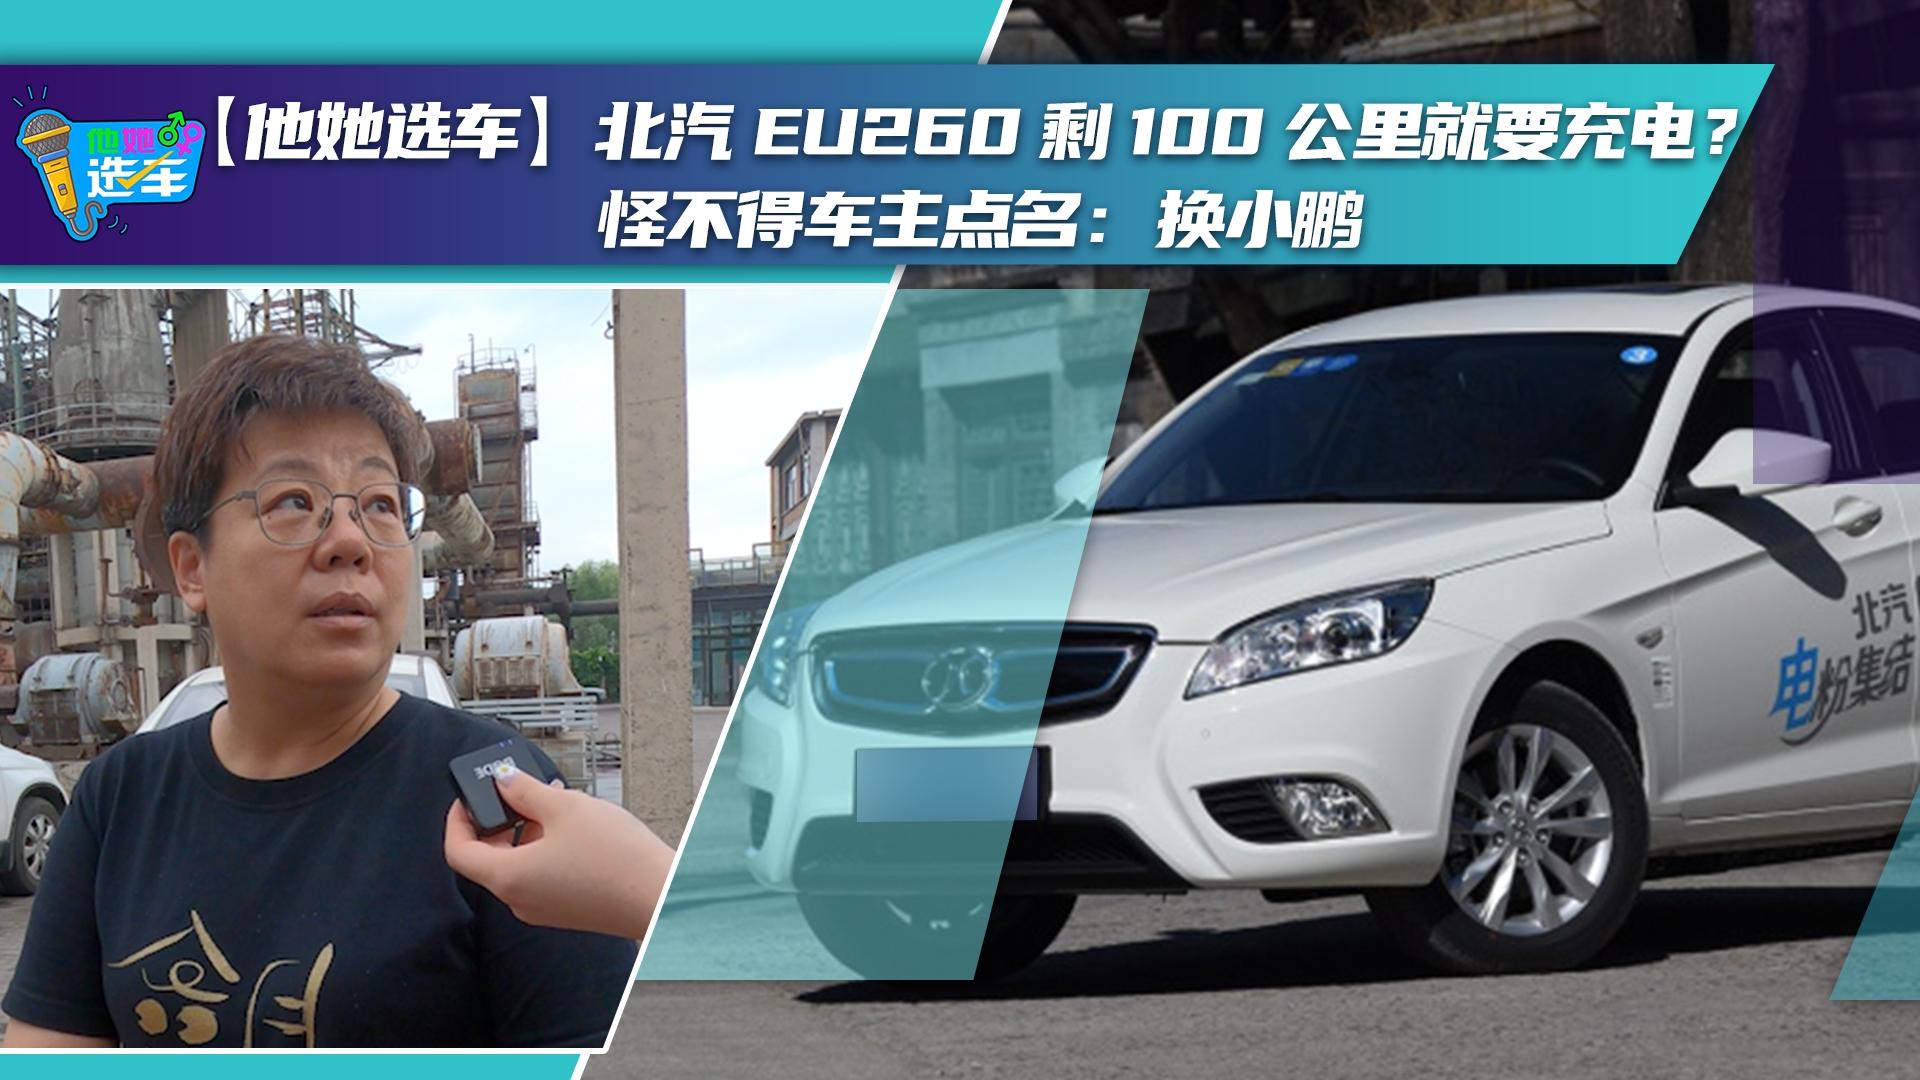 视频:他她选车:北汽EU260剩100公里就充电?怪不得车主点名:换小鹏